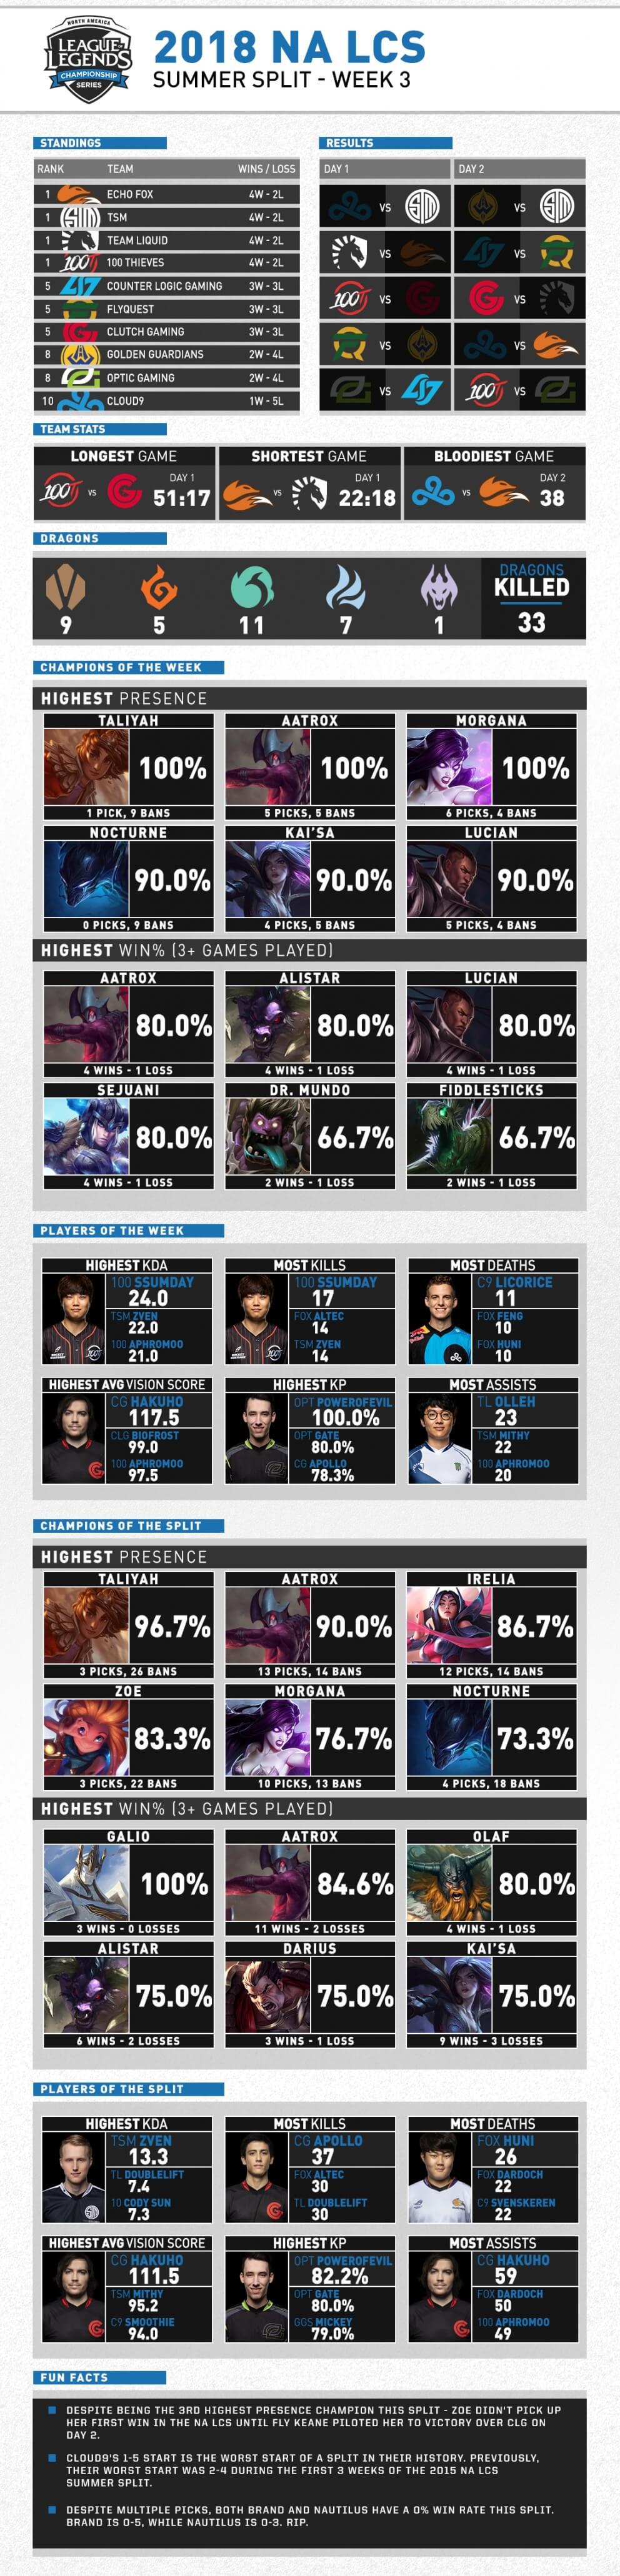 NA LCS Mùa Hè 2018 Tuần 3 Infographic